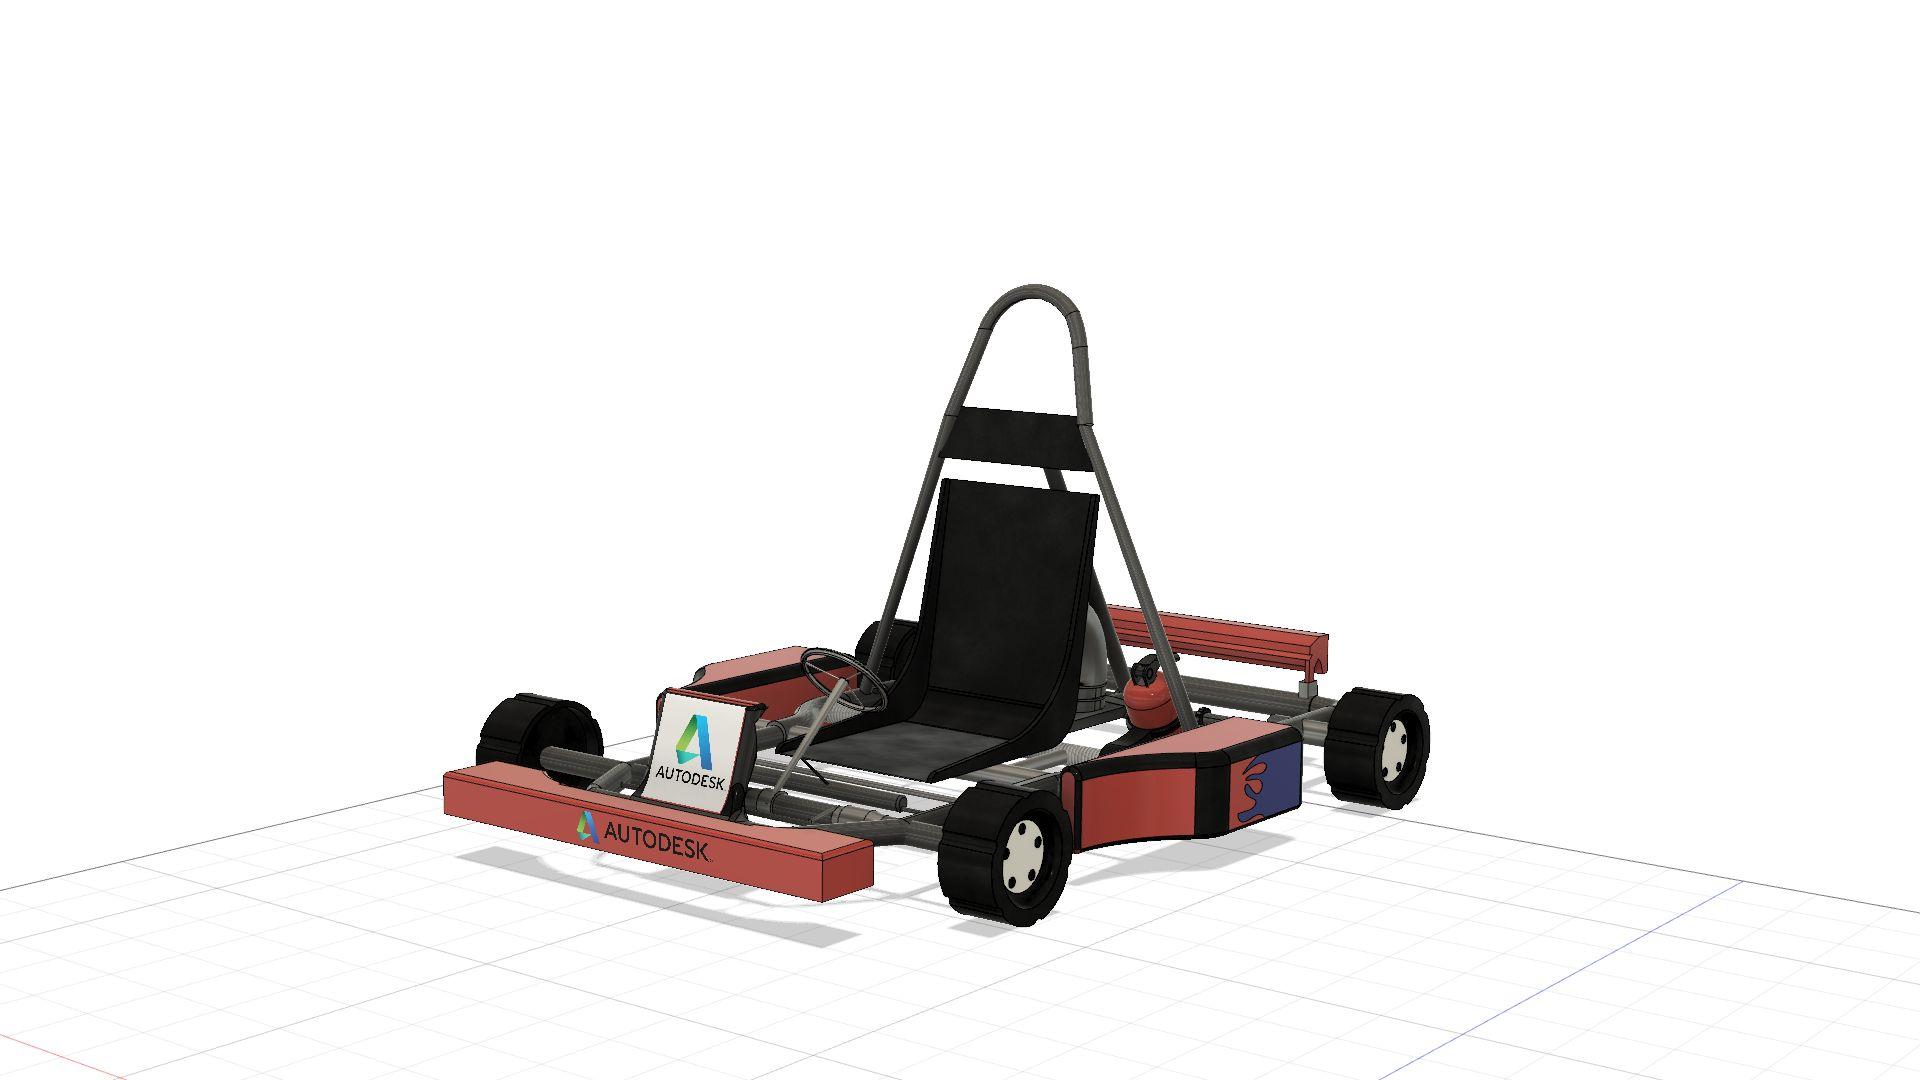 Auto-2-3500-3500